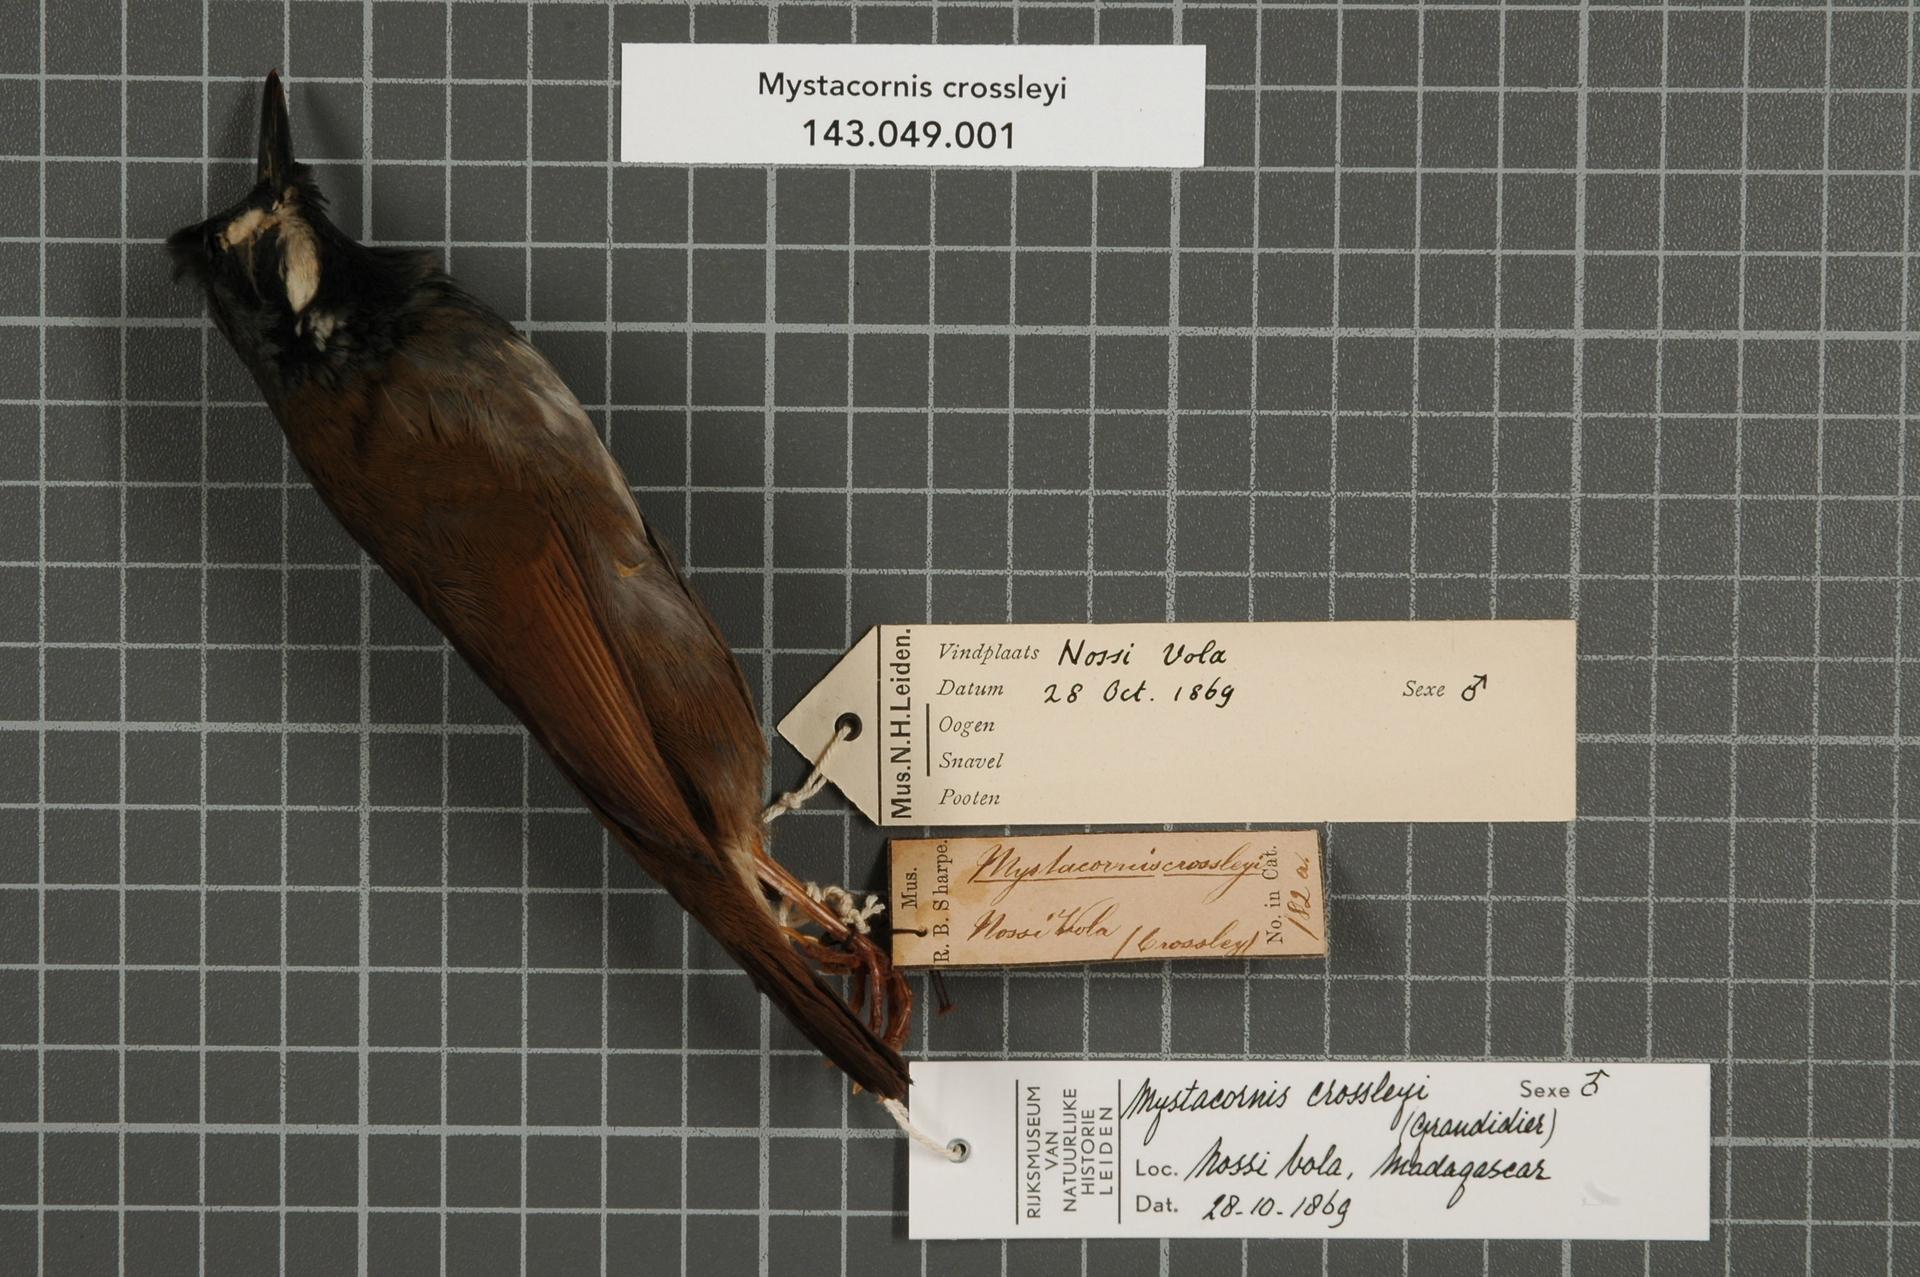 Image of Crossley's Babbler